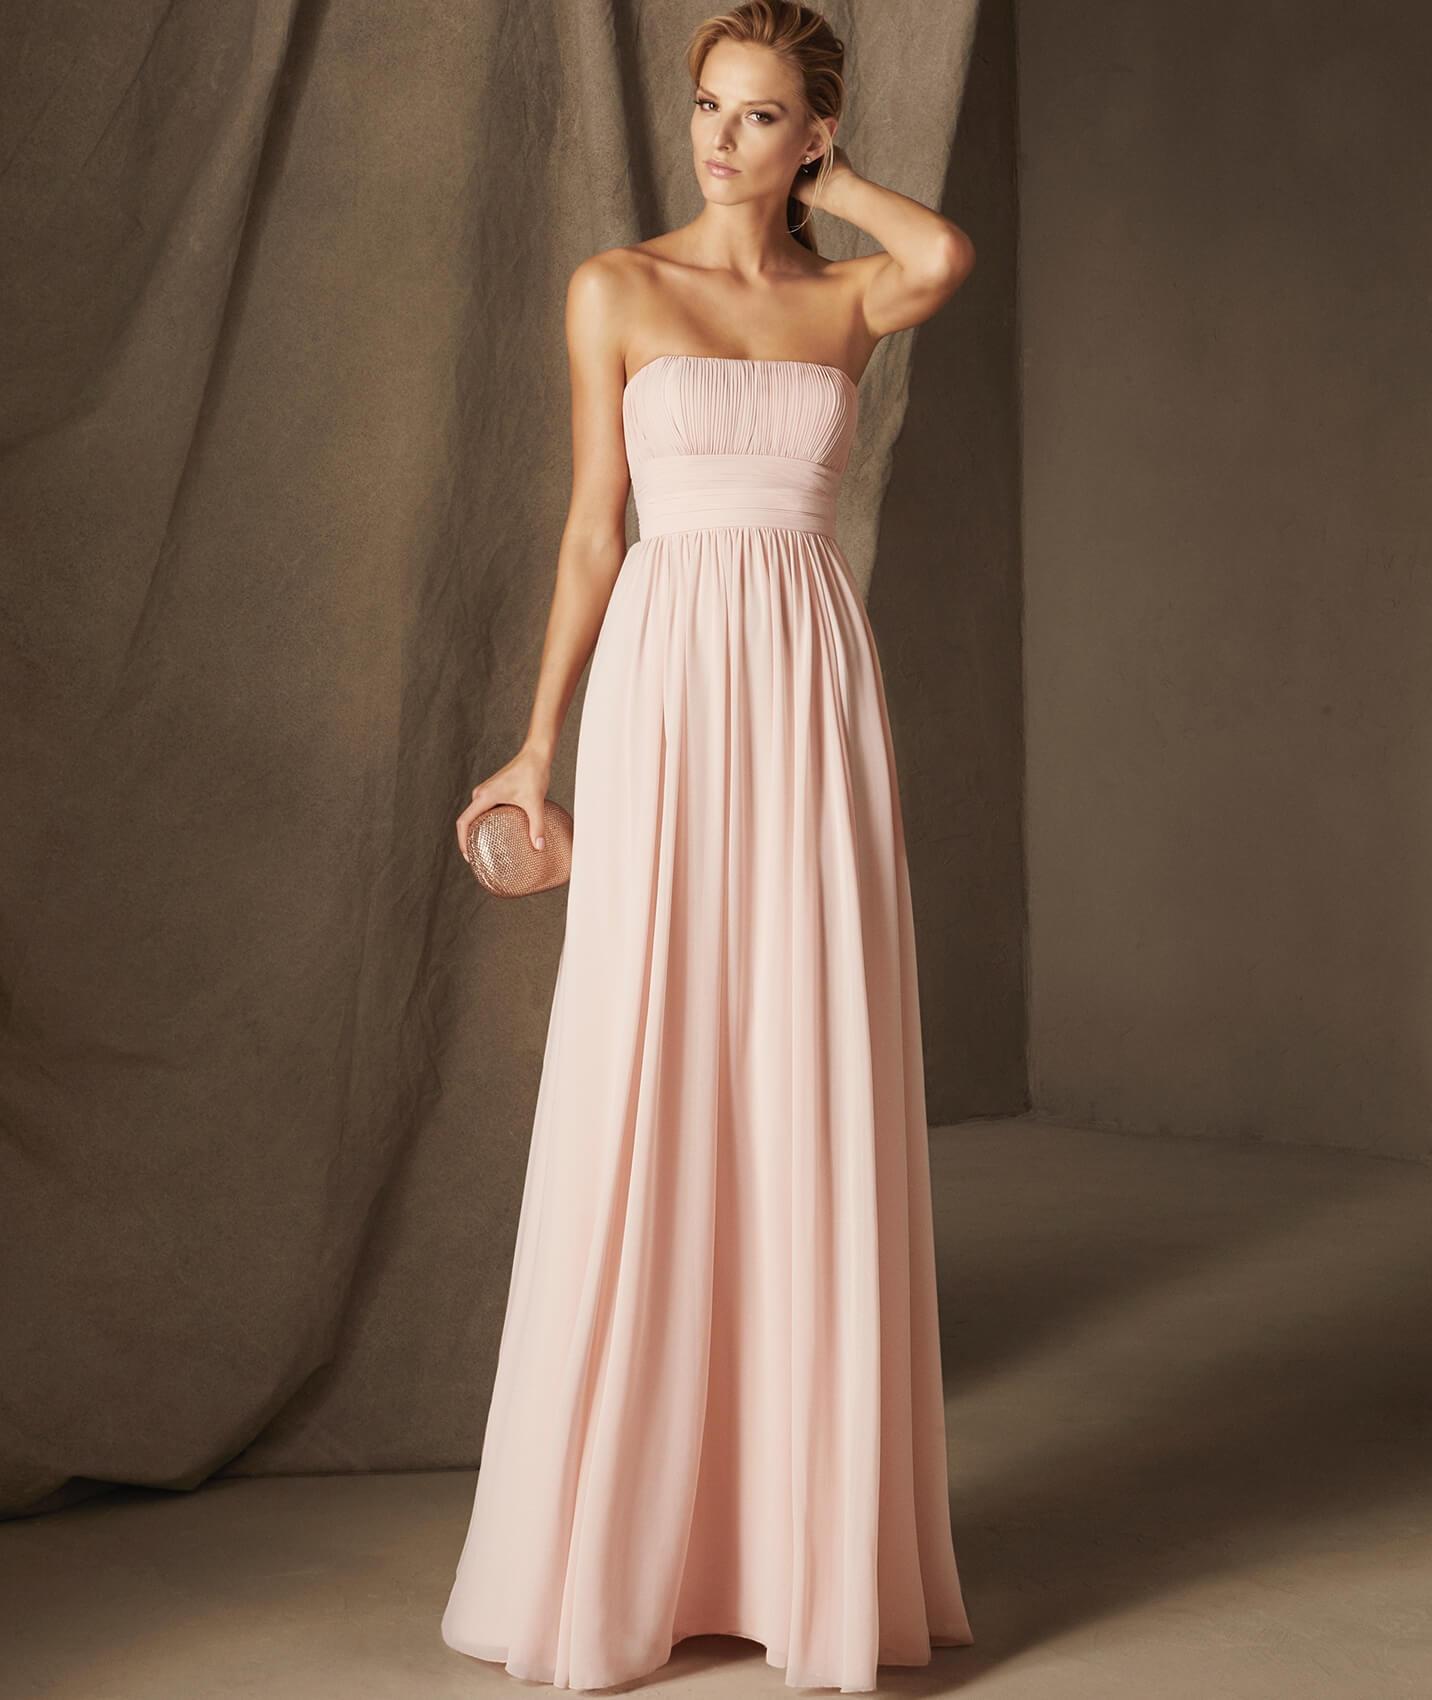 Красивое длинное платье на свадьбу фото